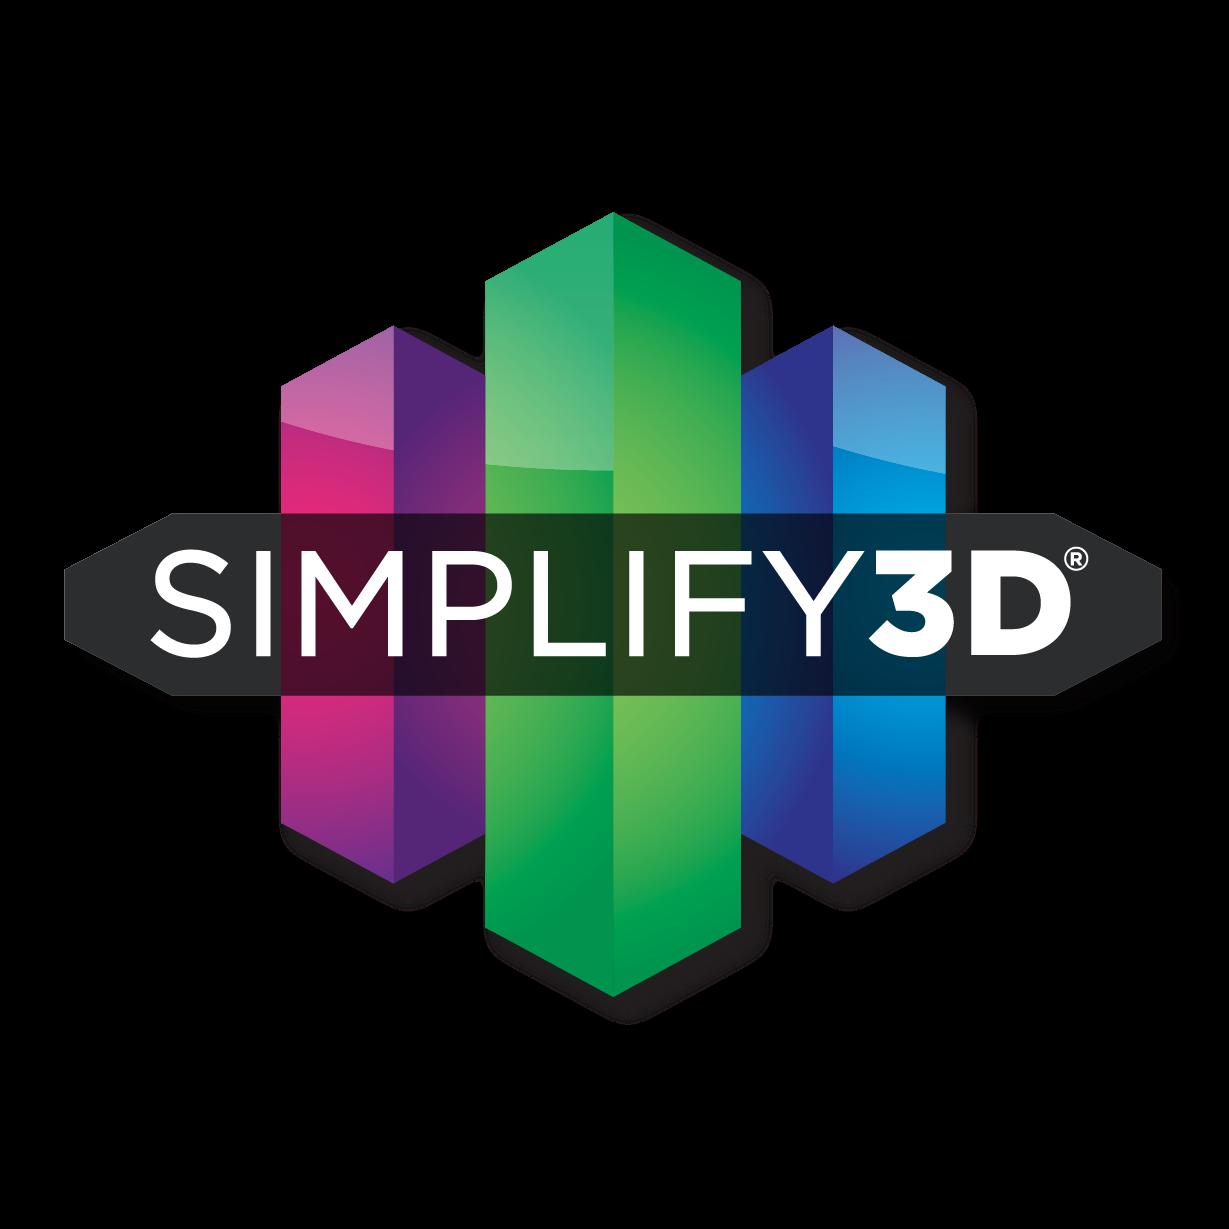 simplify3d simplify3d on twitter